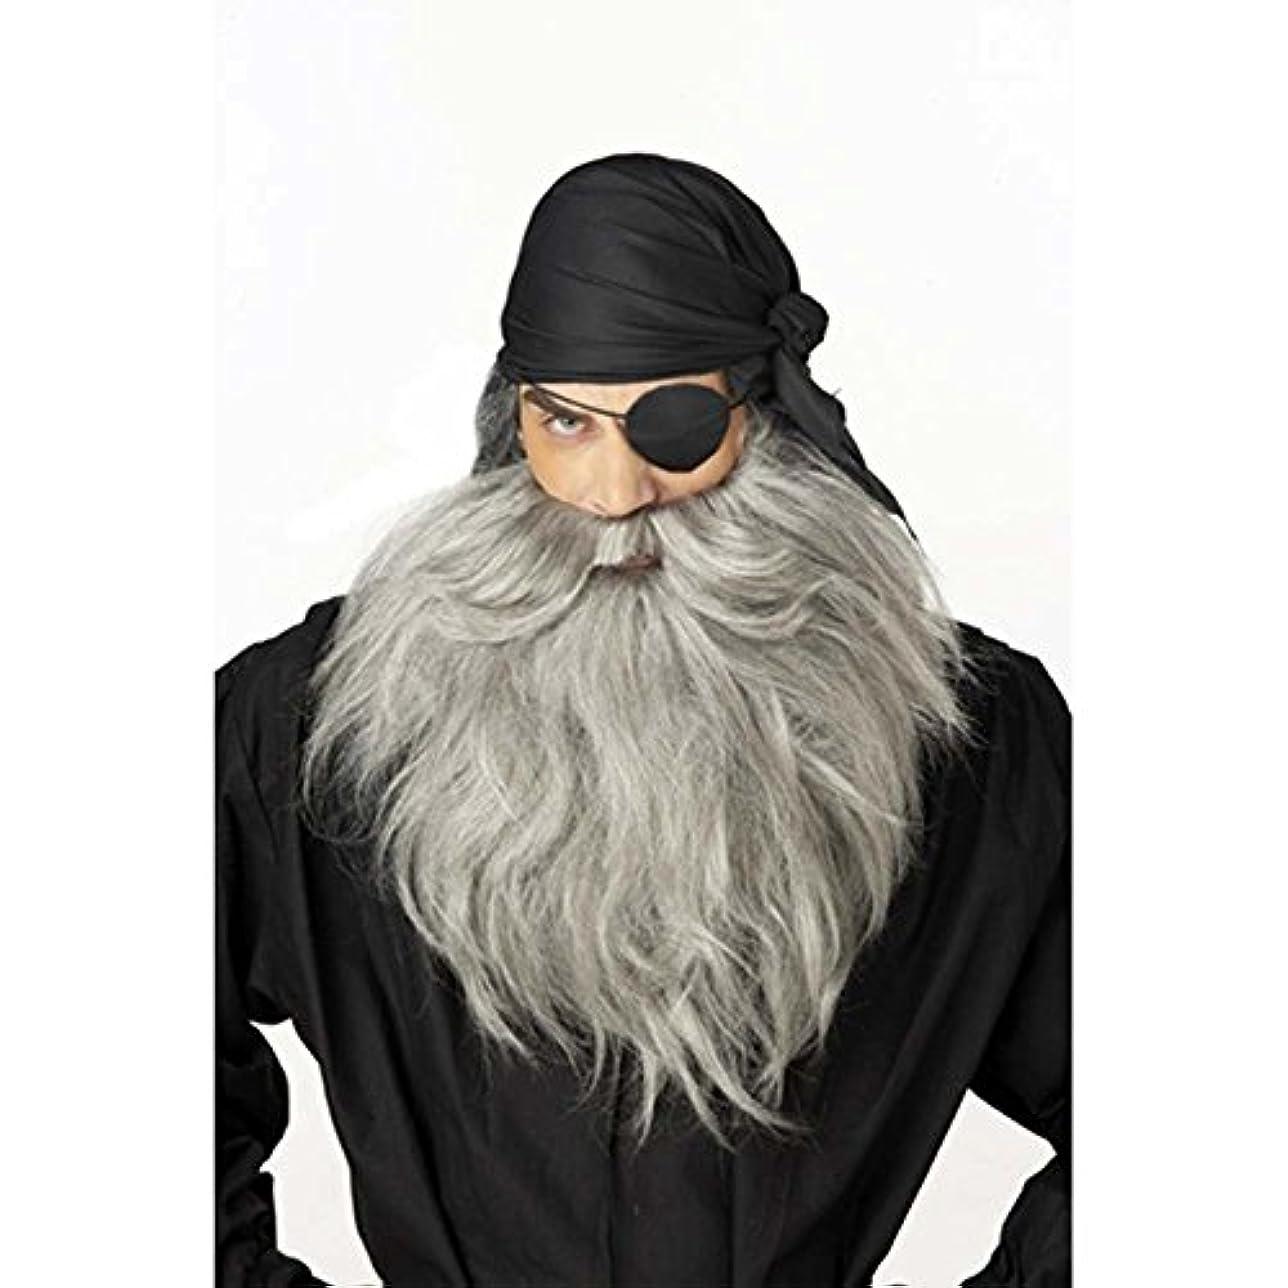 壊すリストアラブ人Pirate Beard and Moustache - Grey 海賊ひげとヒゲ-グレー?ハロウィン?サイズ:One-Size